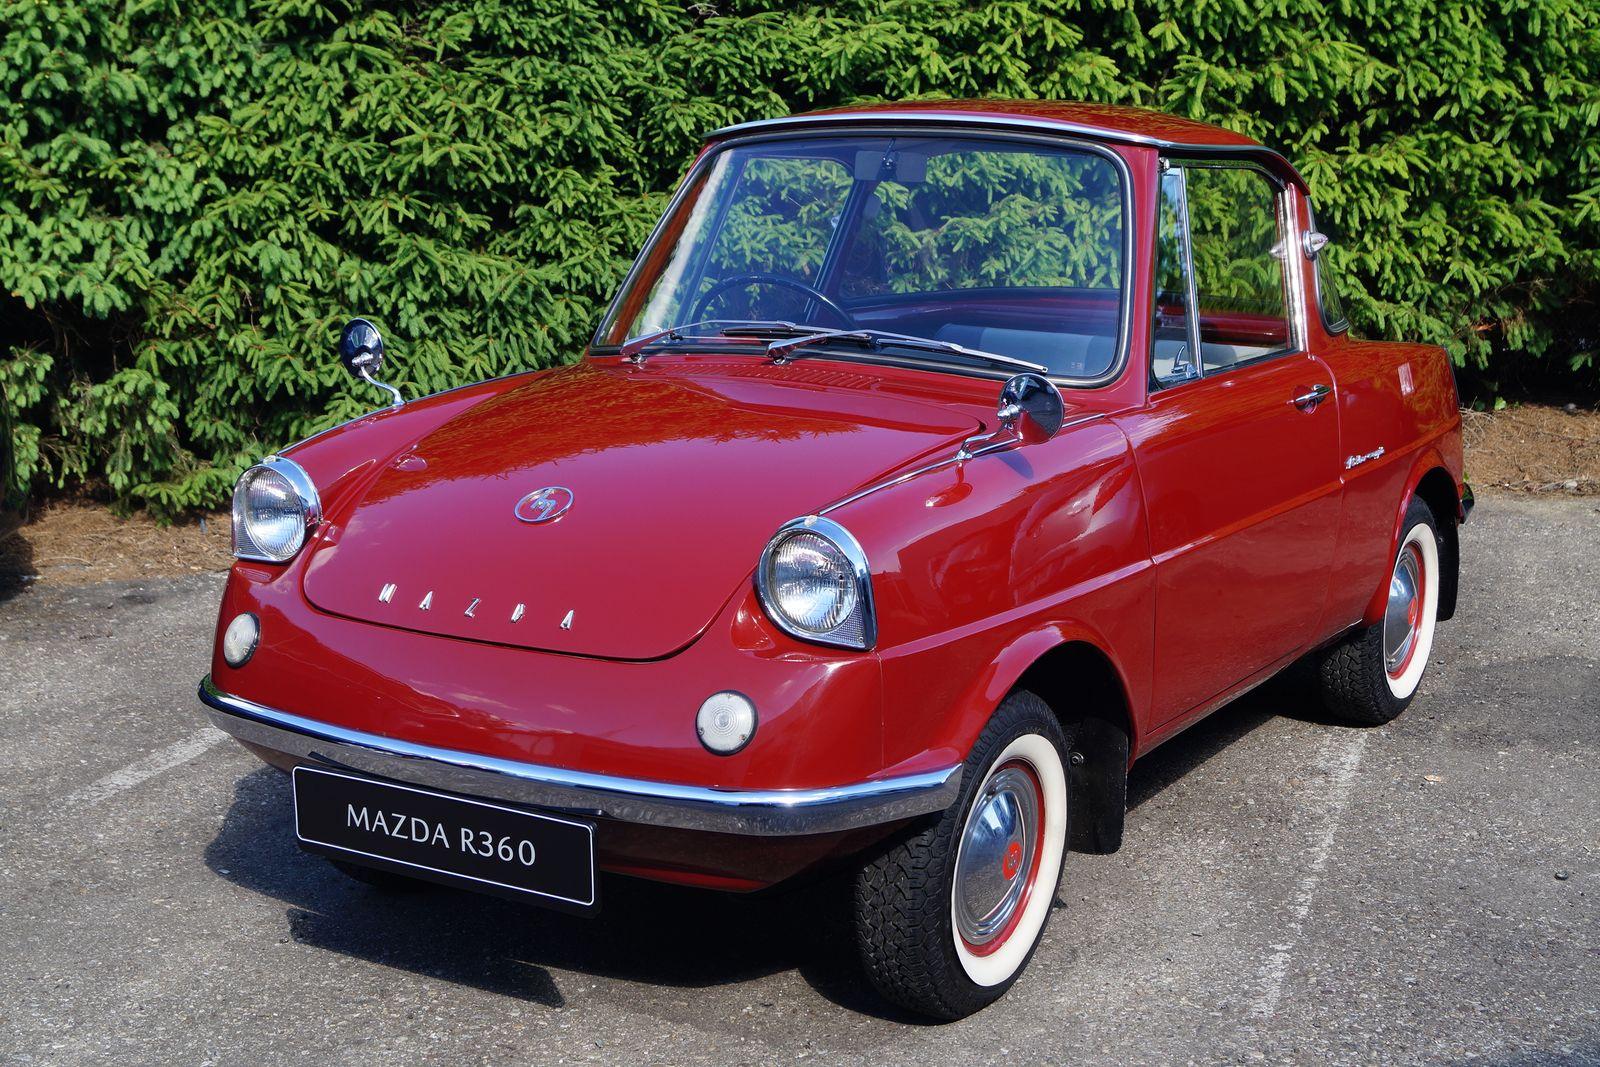 100 Jahre Mazda - R360